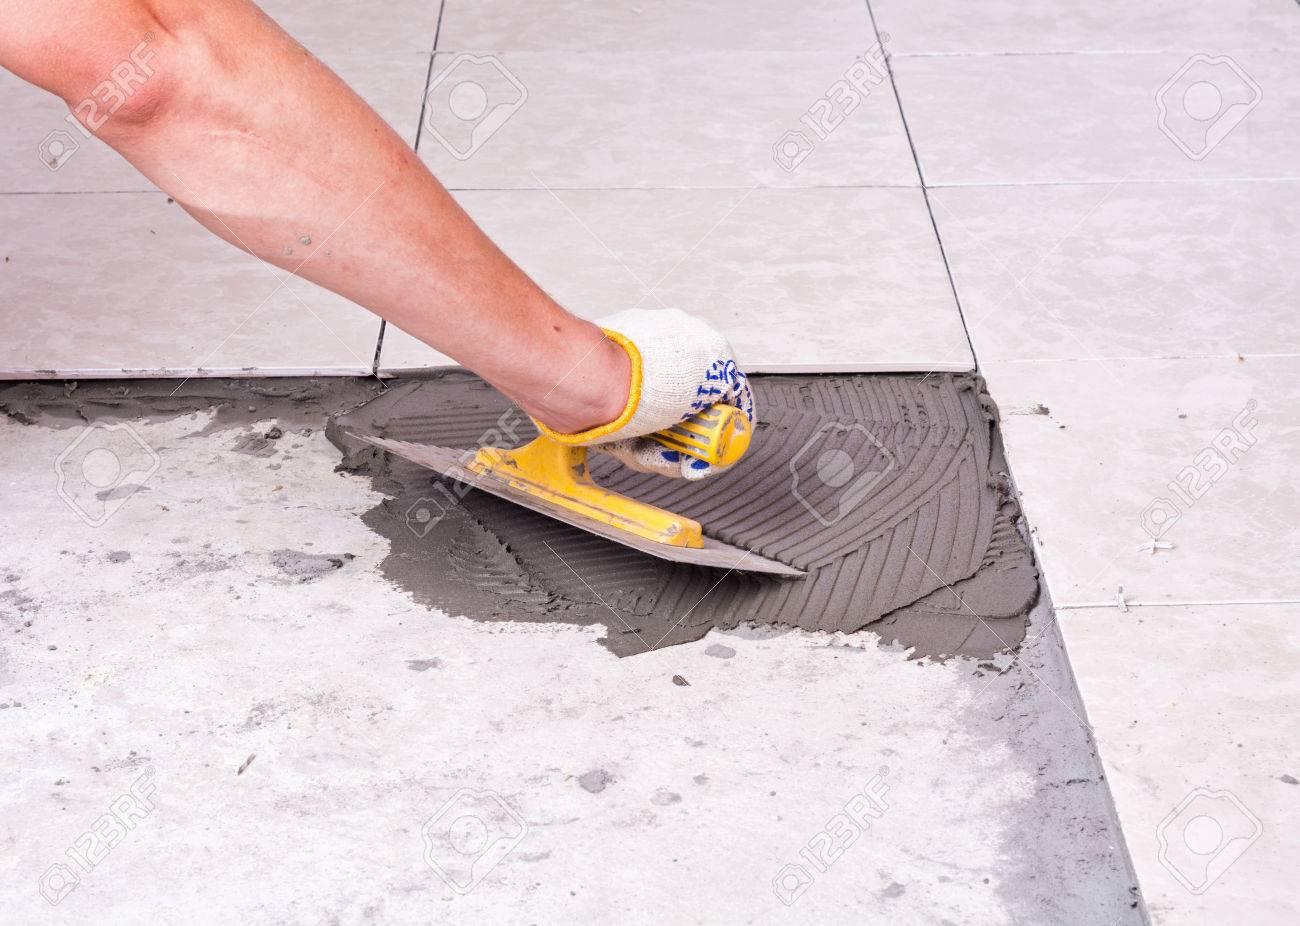 Installation De Carreaux De Céramique Sur Un Plancher De Tiler ...